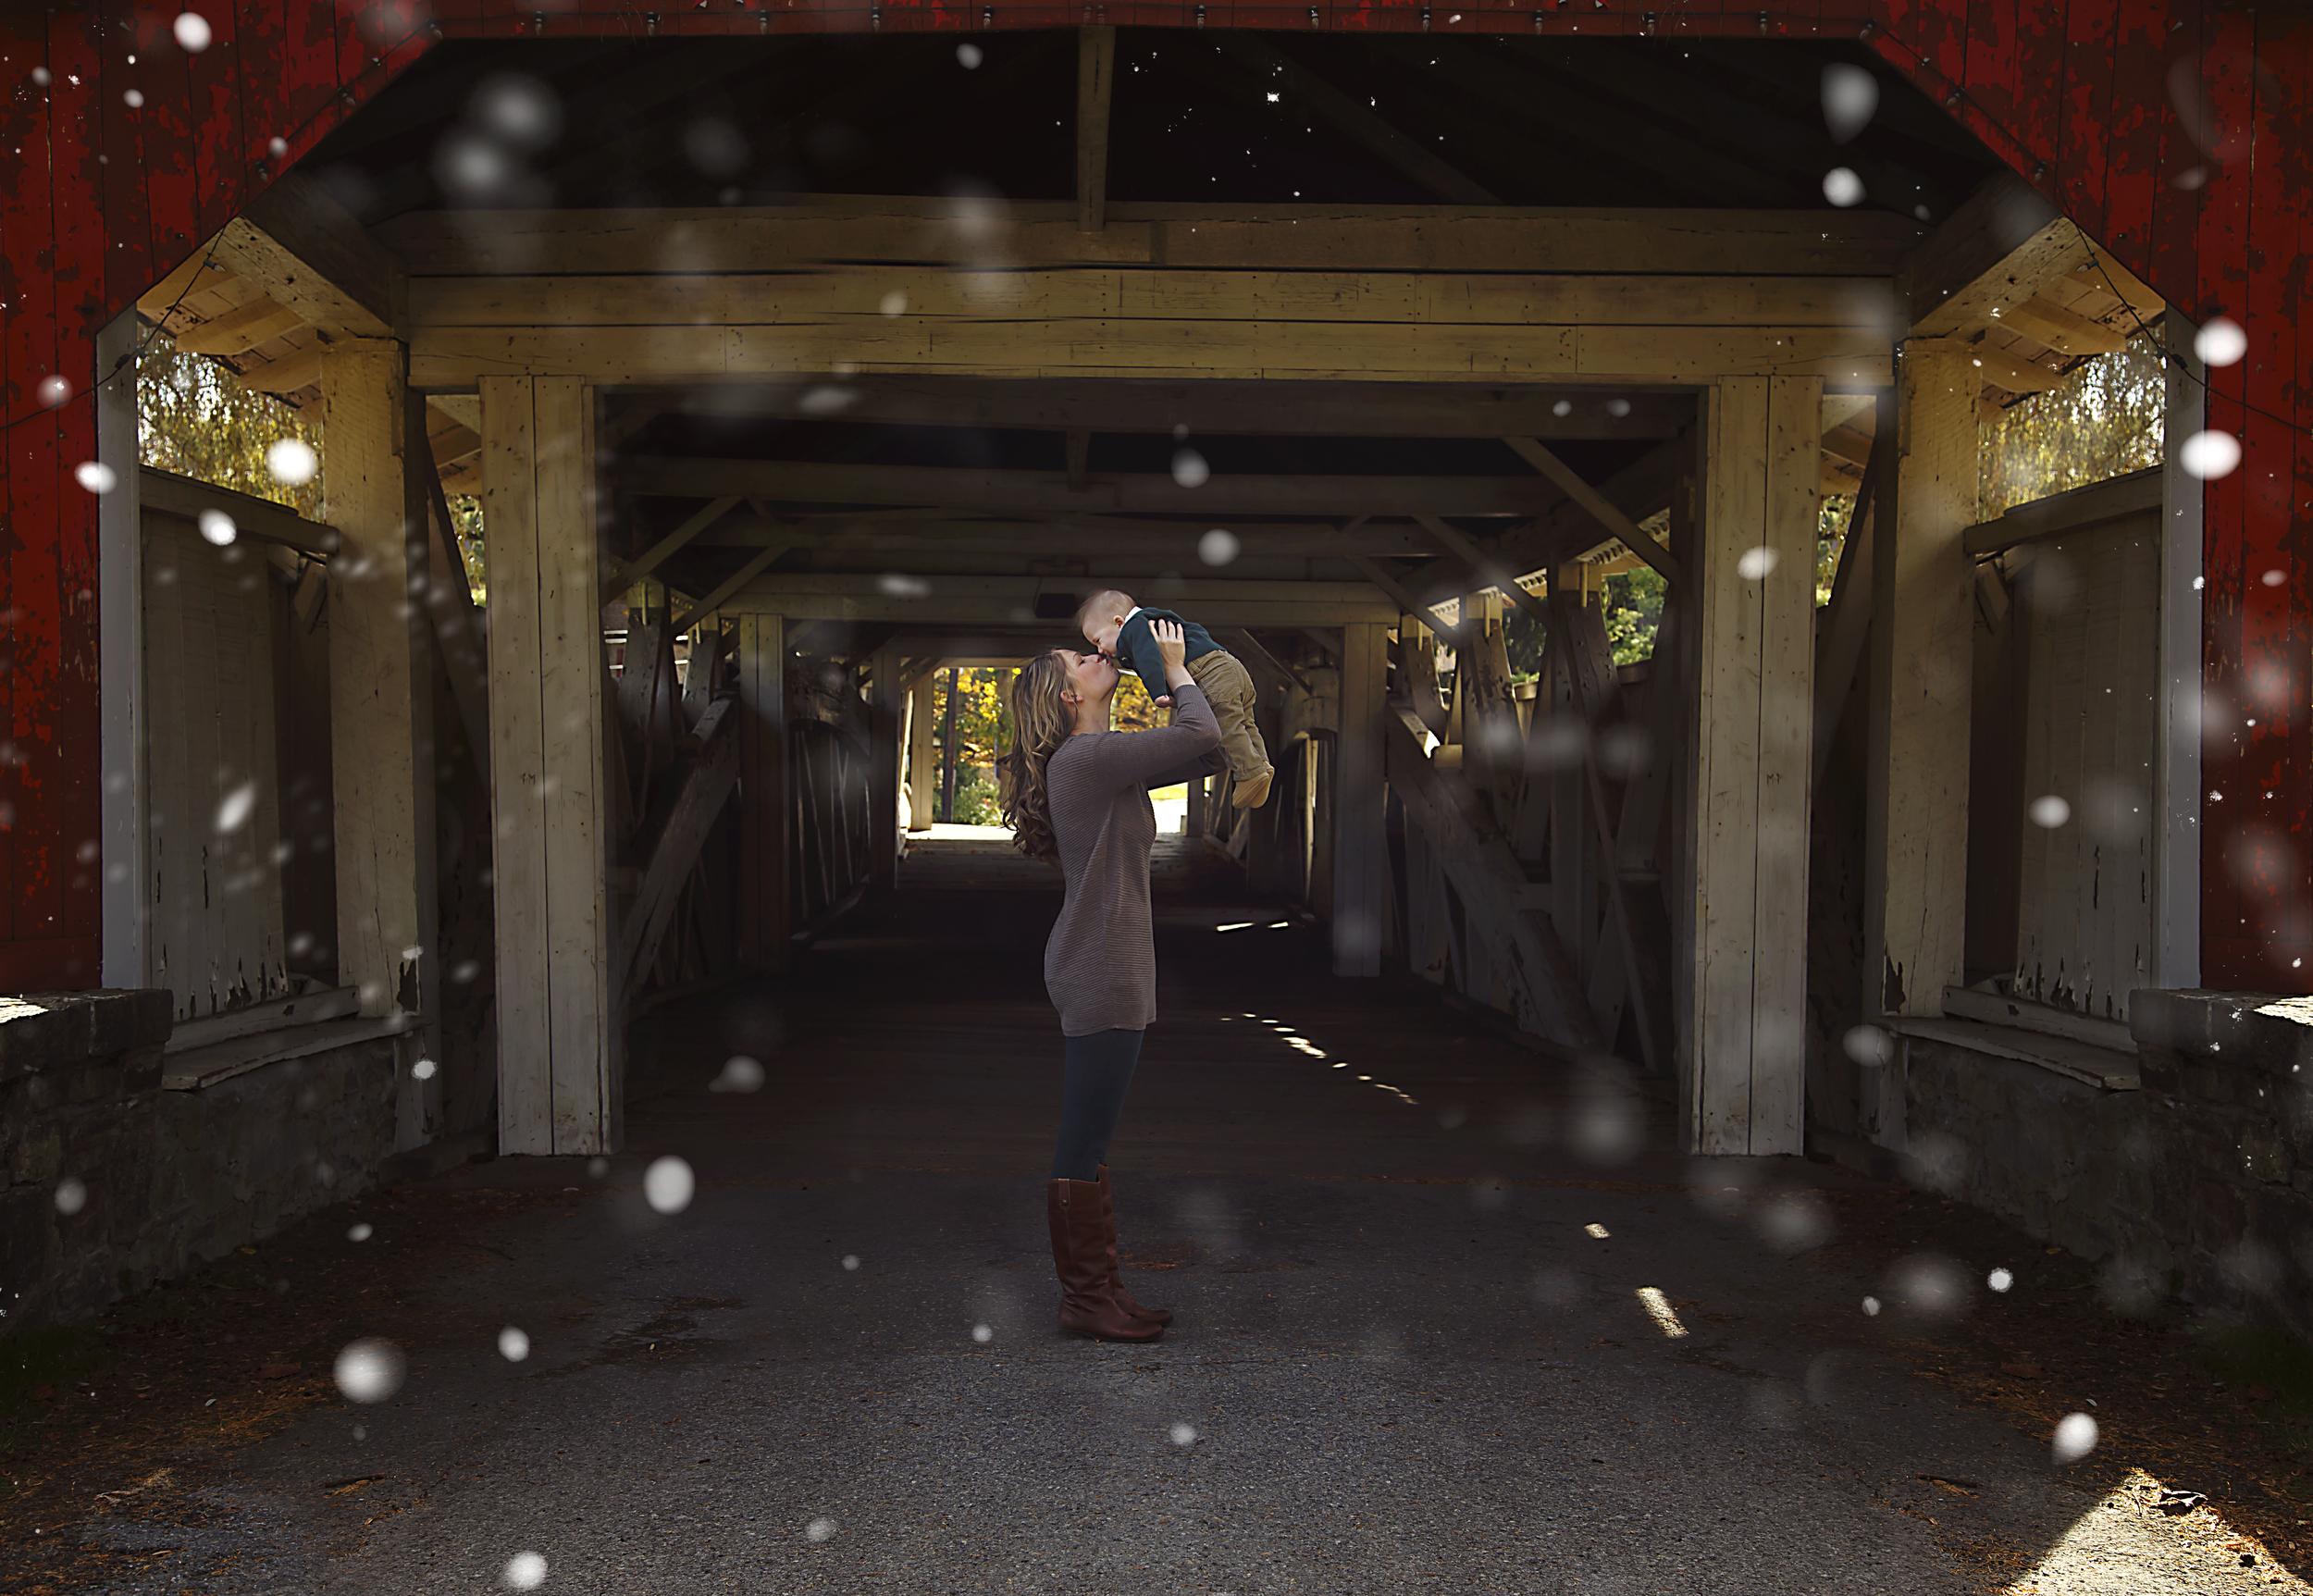 IMG_0704 edit snow.jpg